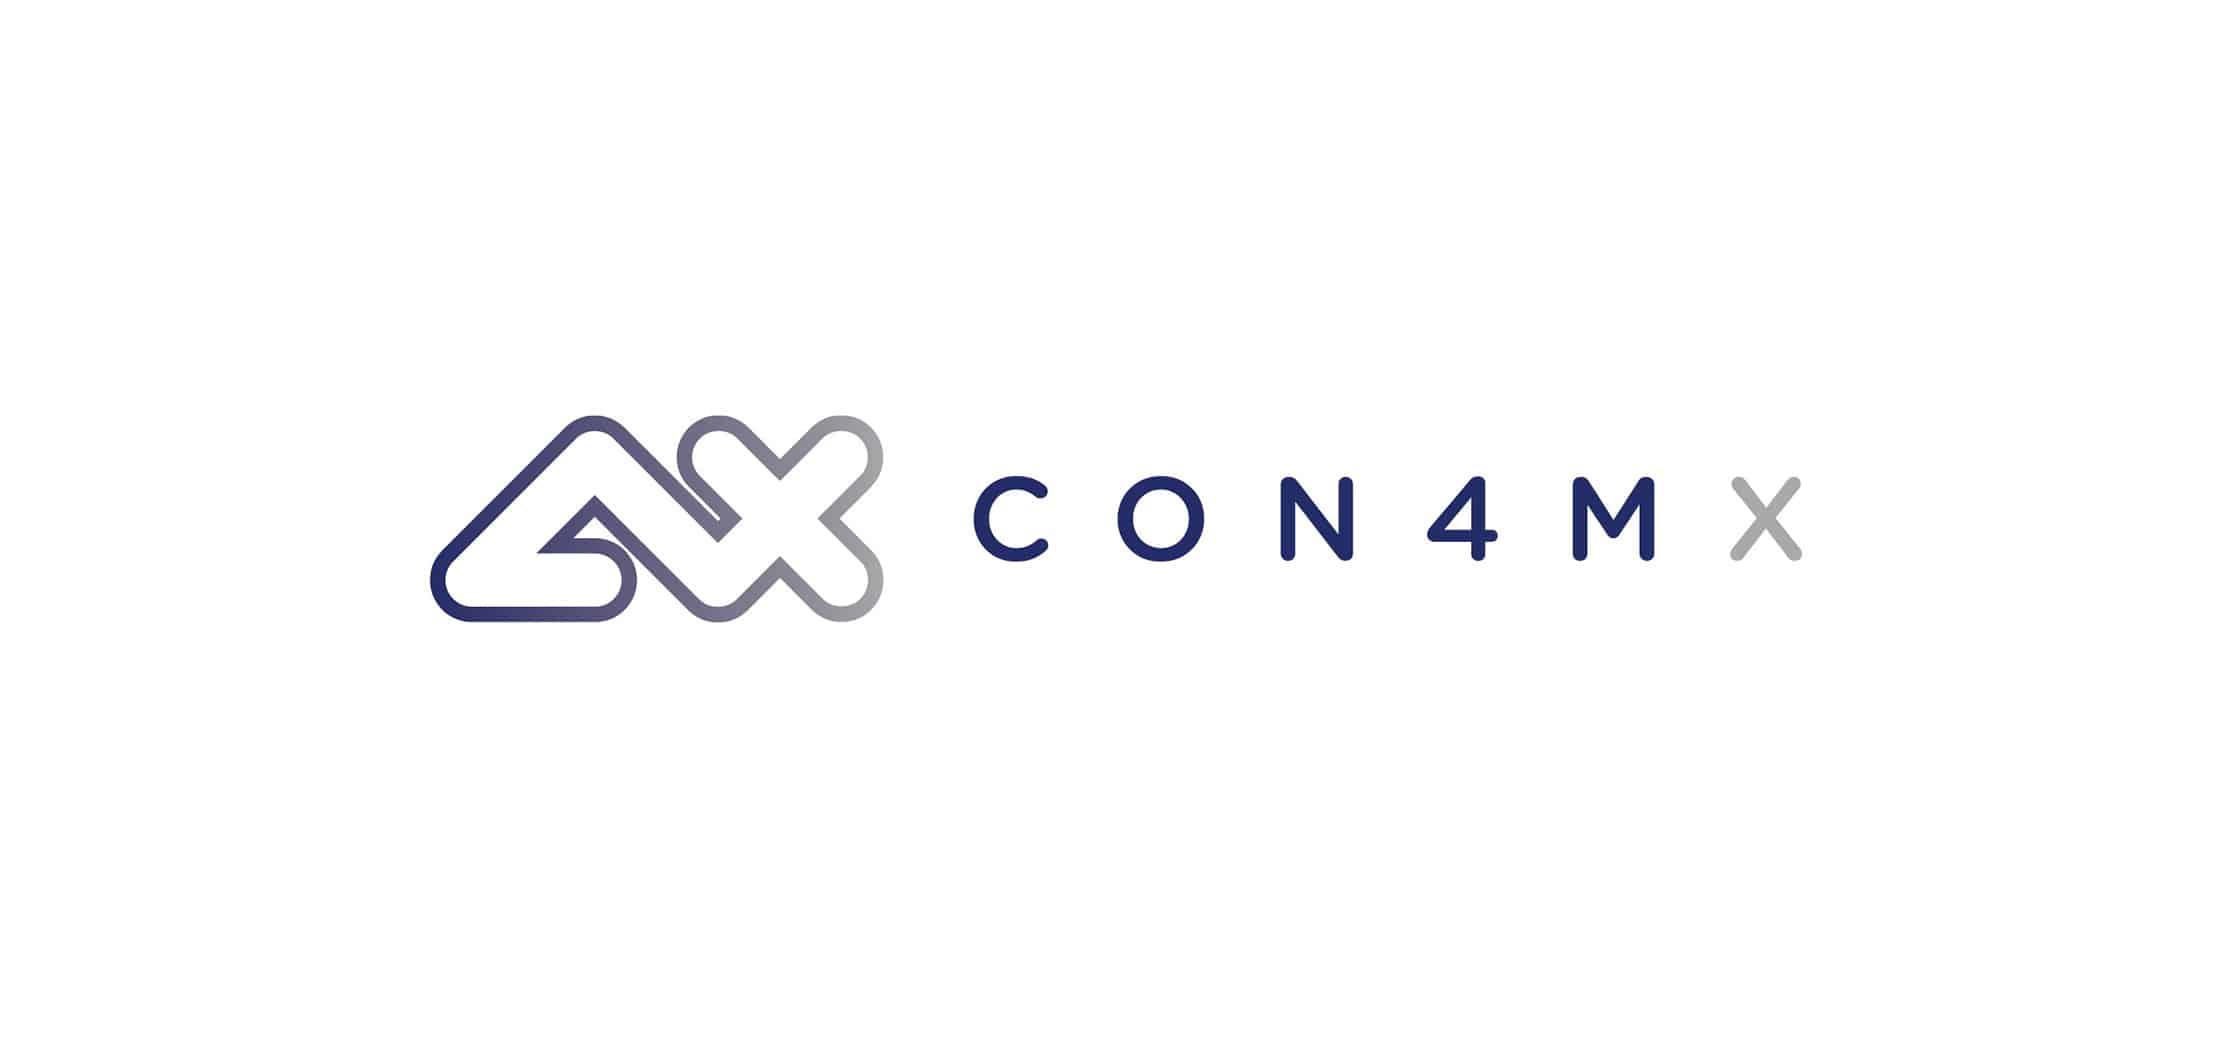 con4mx-logo-fullwidth